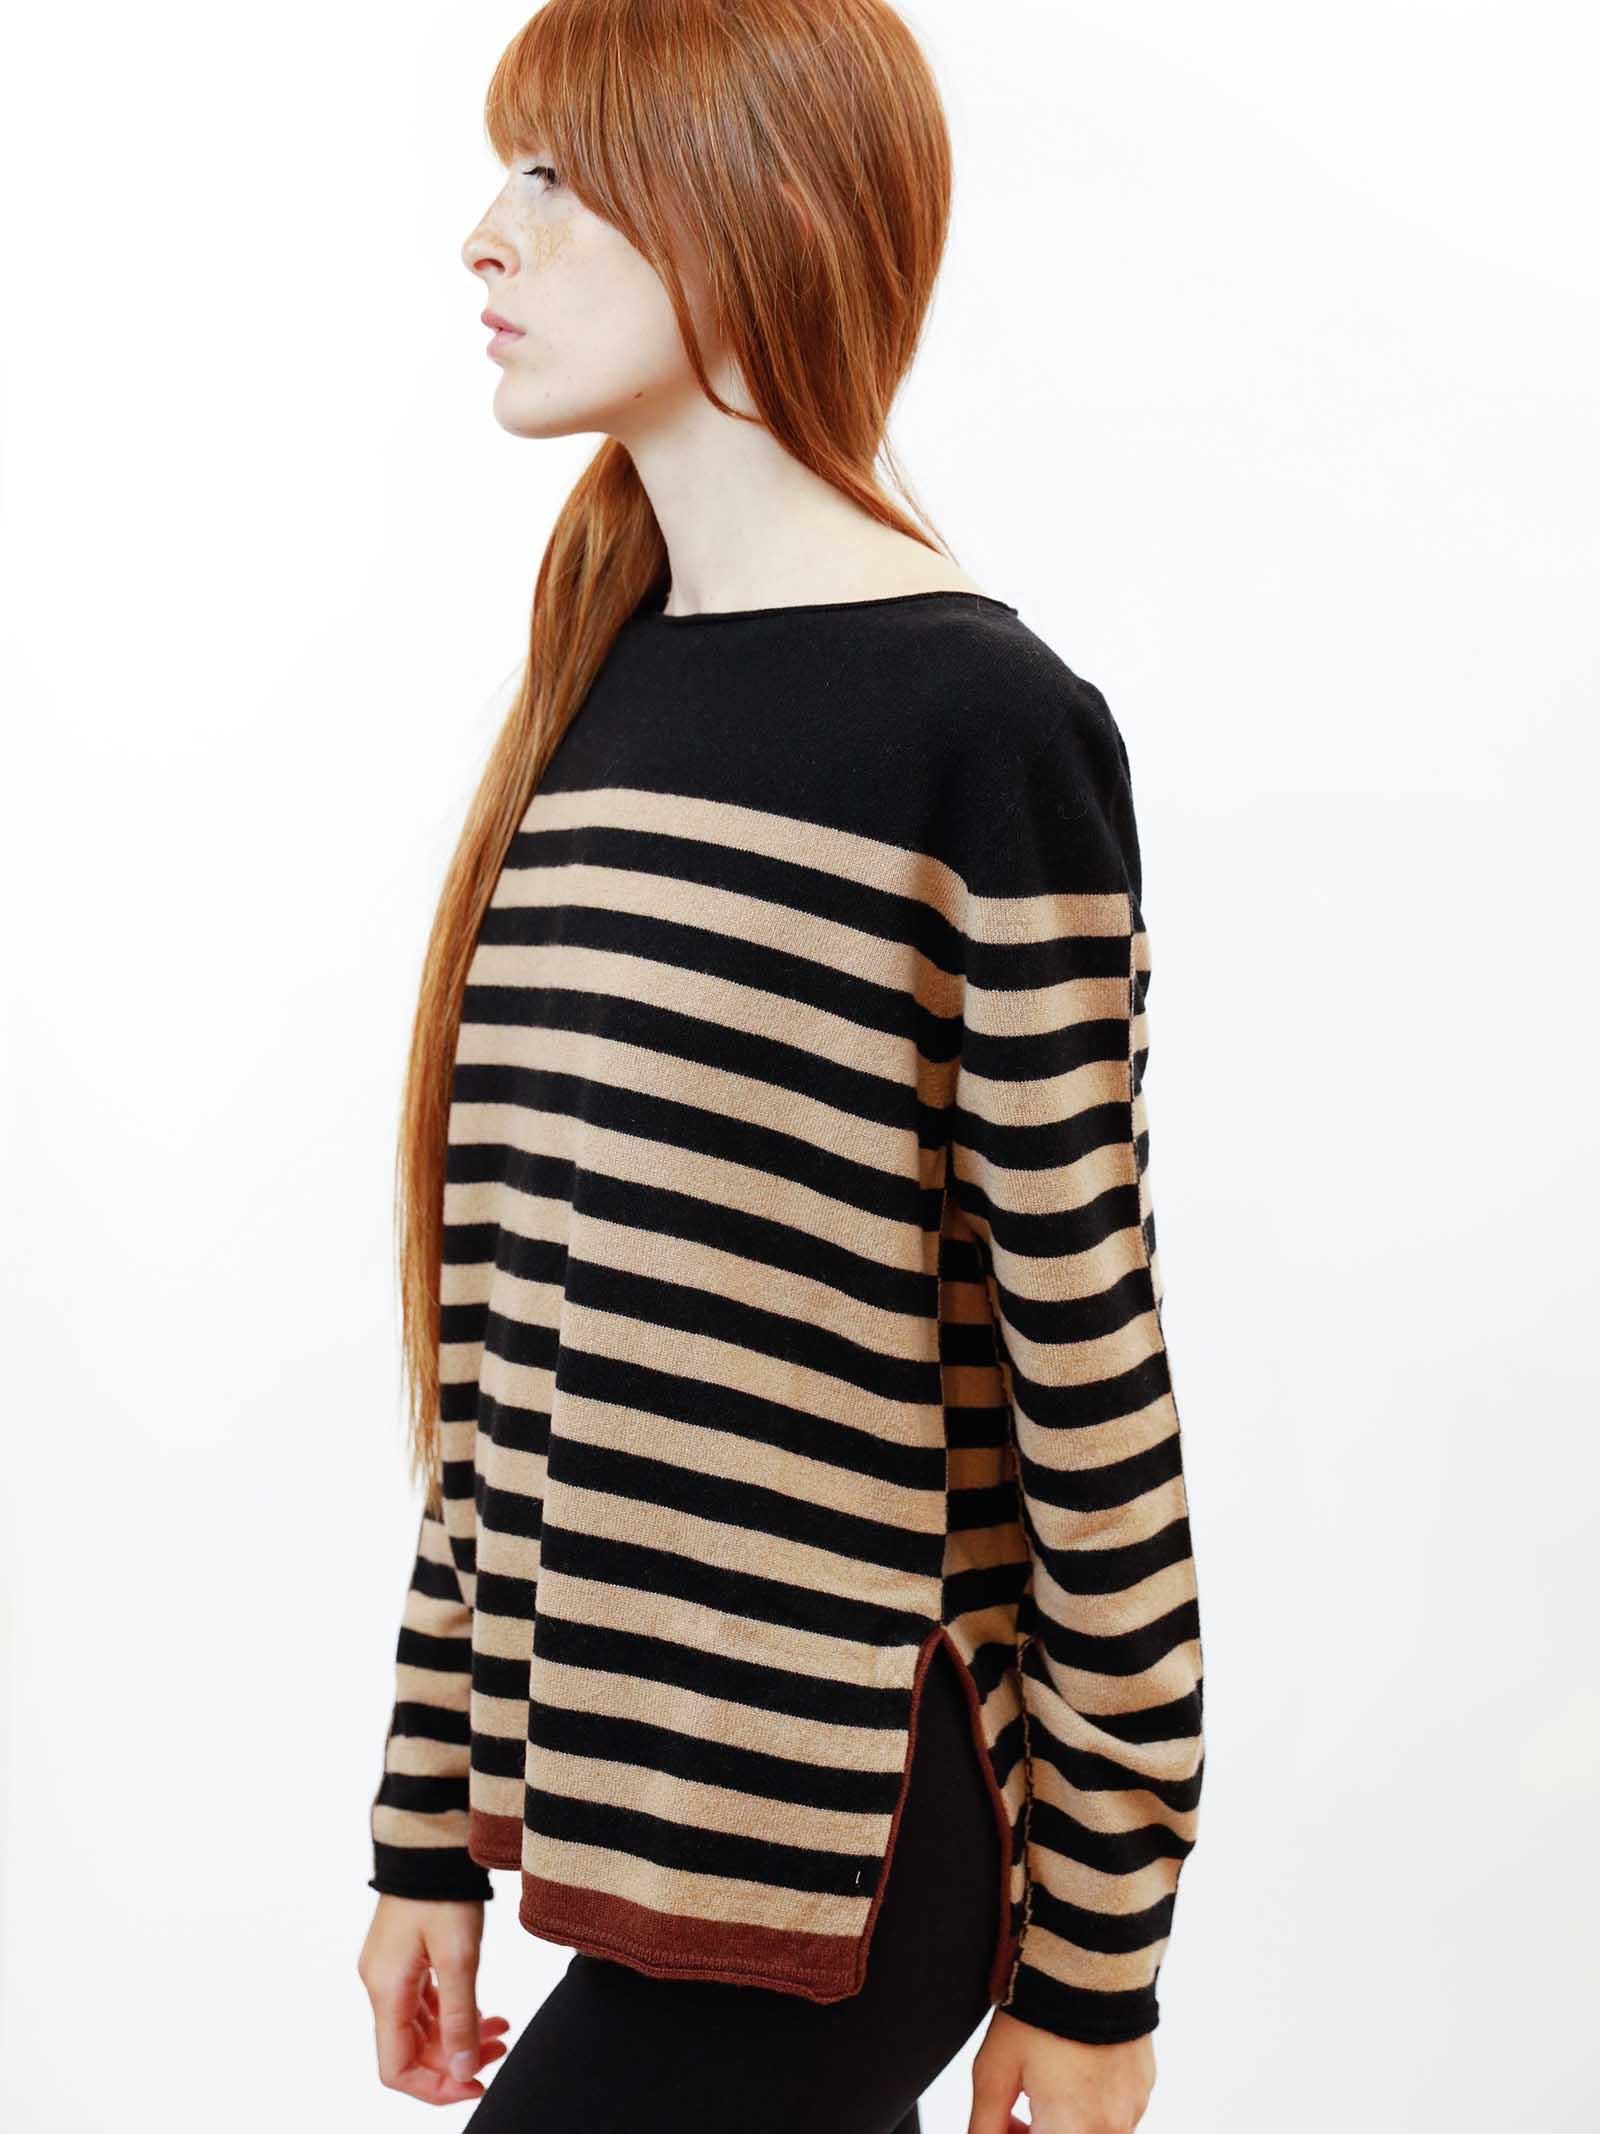 Abbigliamento Donna Maglia Wool & Cachemire a Righe Nero e Beige con Scollo Largo Maliparmi   Maglieria   JQ48787050612B20